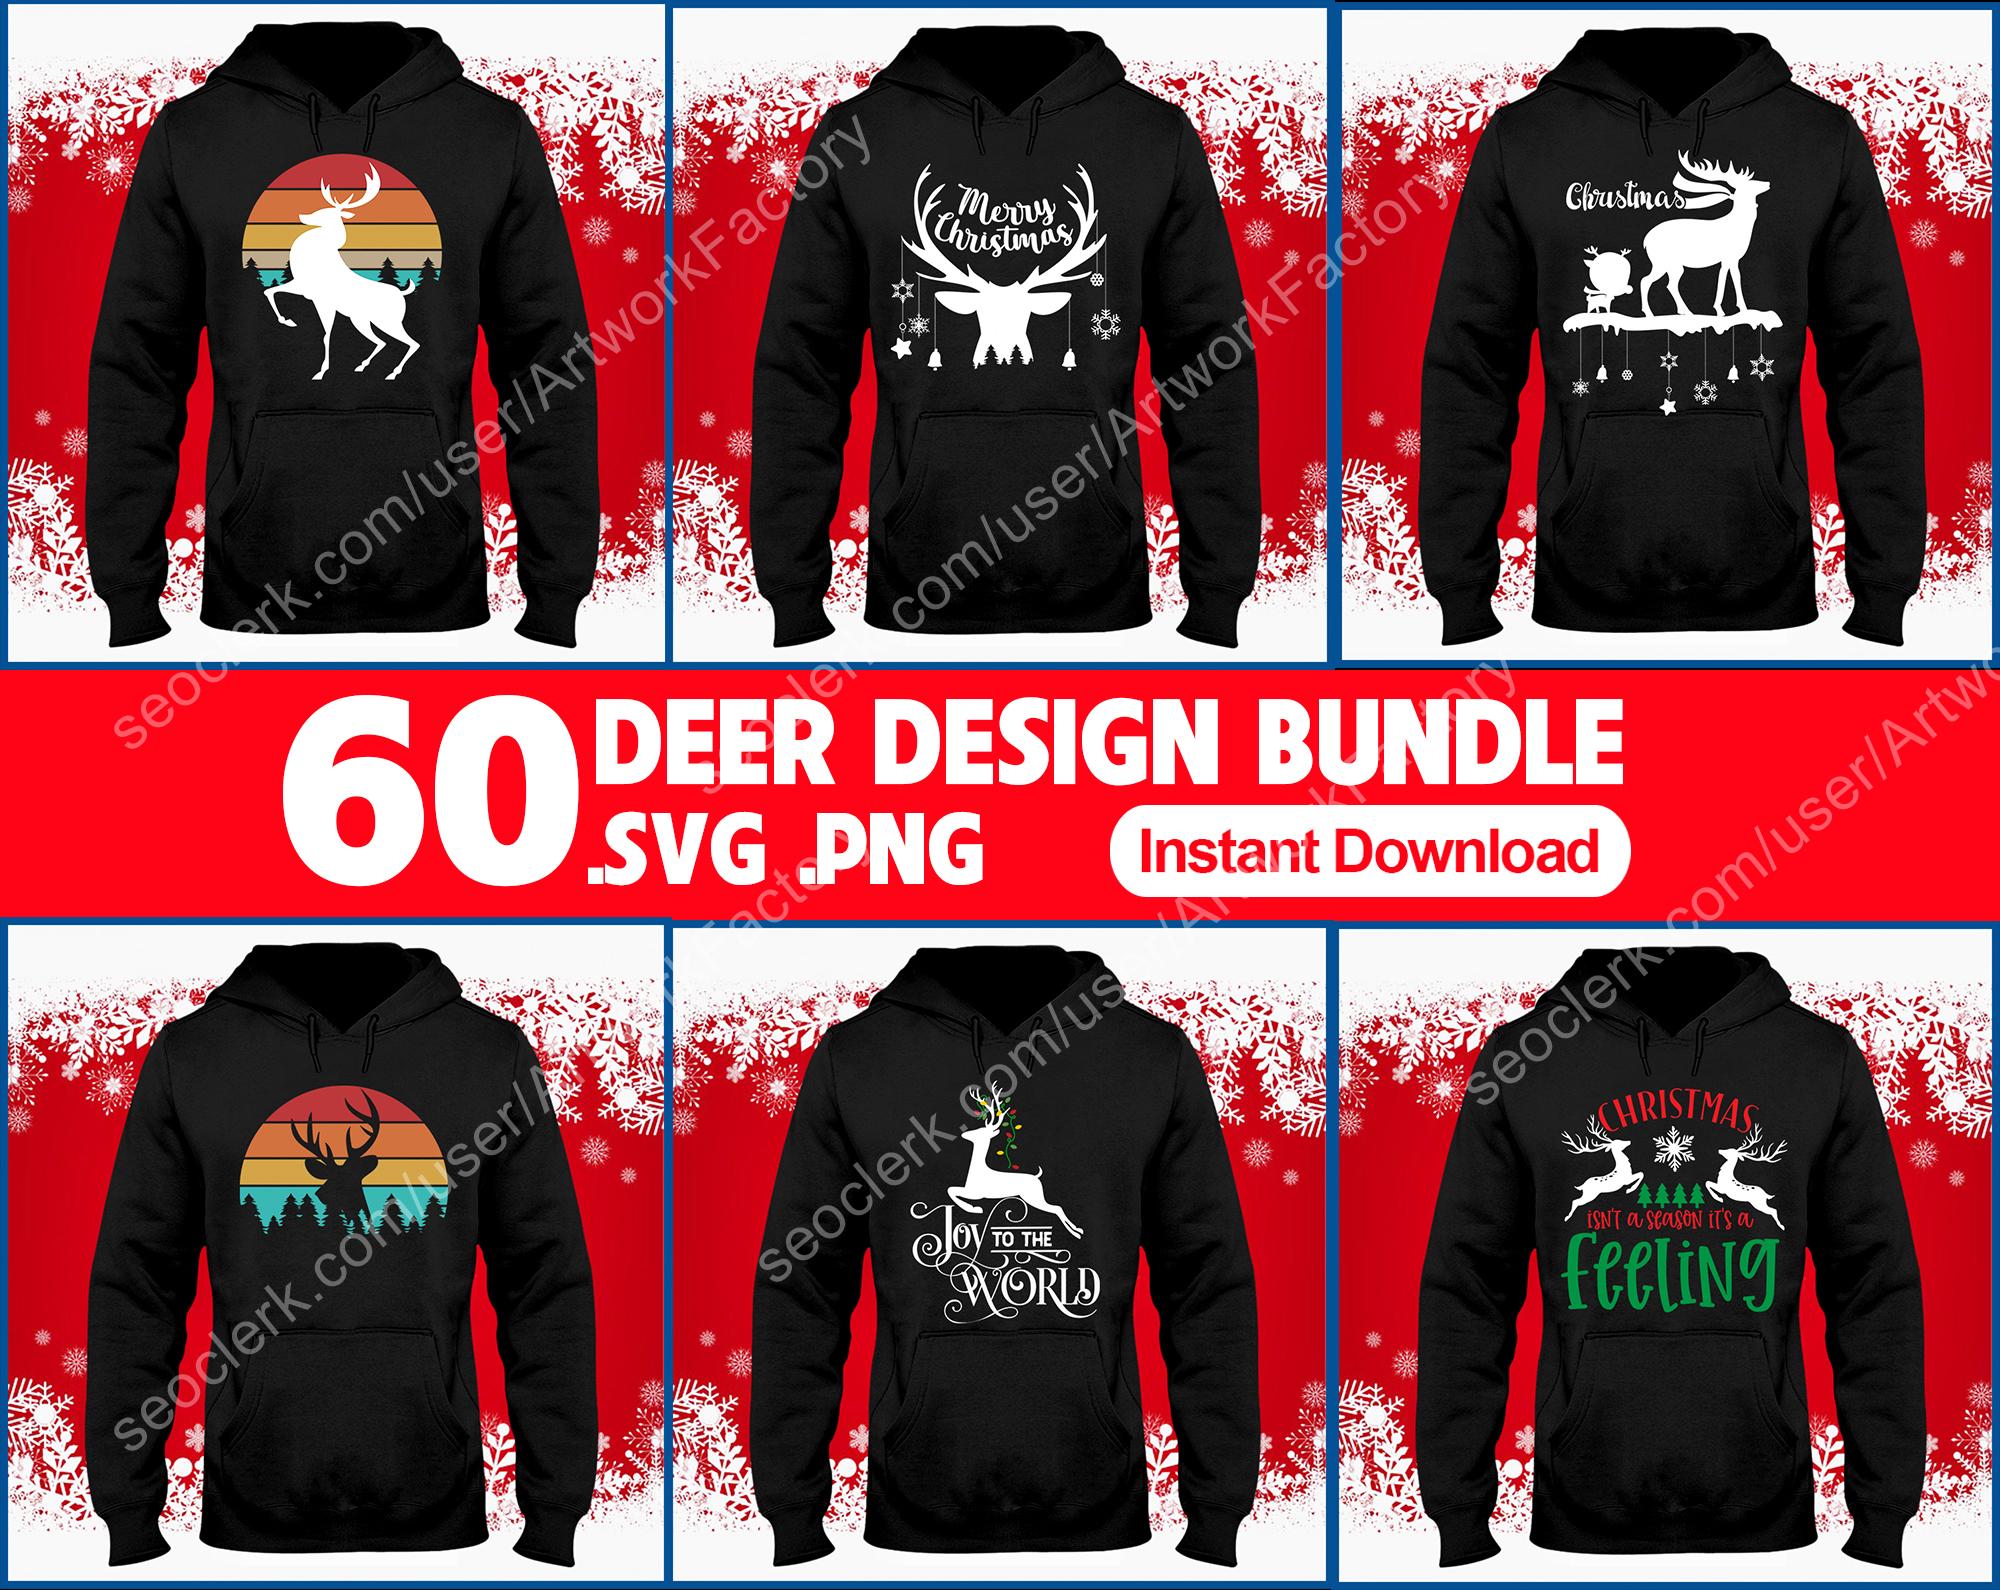 Deliver 60 files Deer Christmas T-shirt Design by Vector Bundle